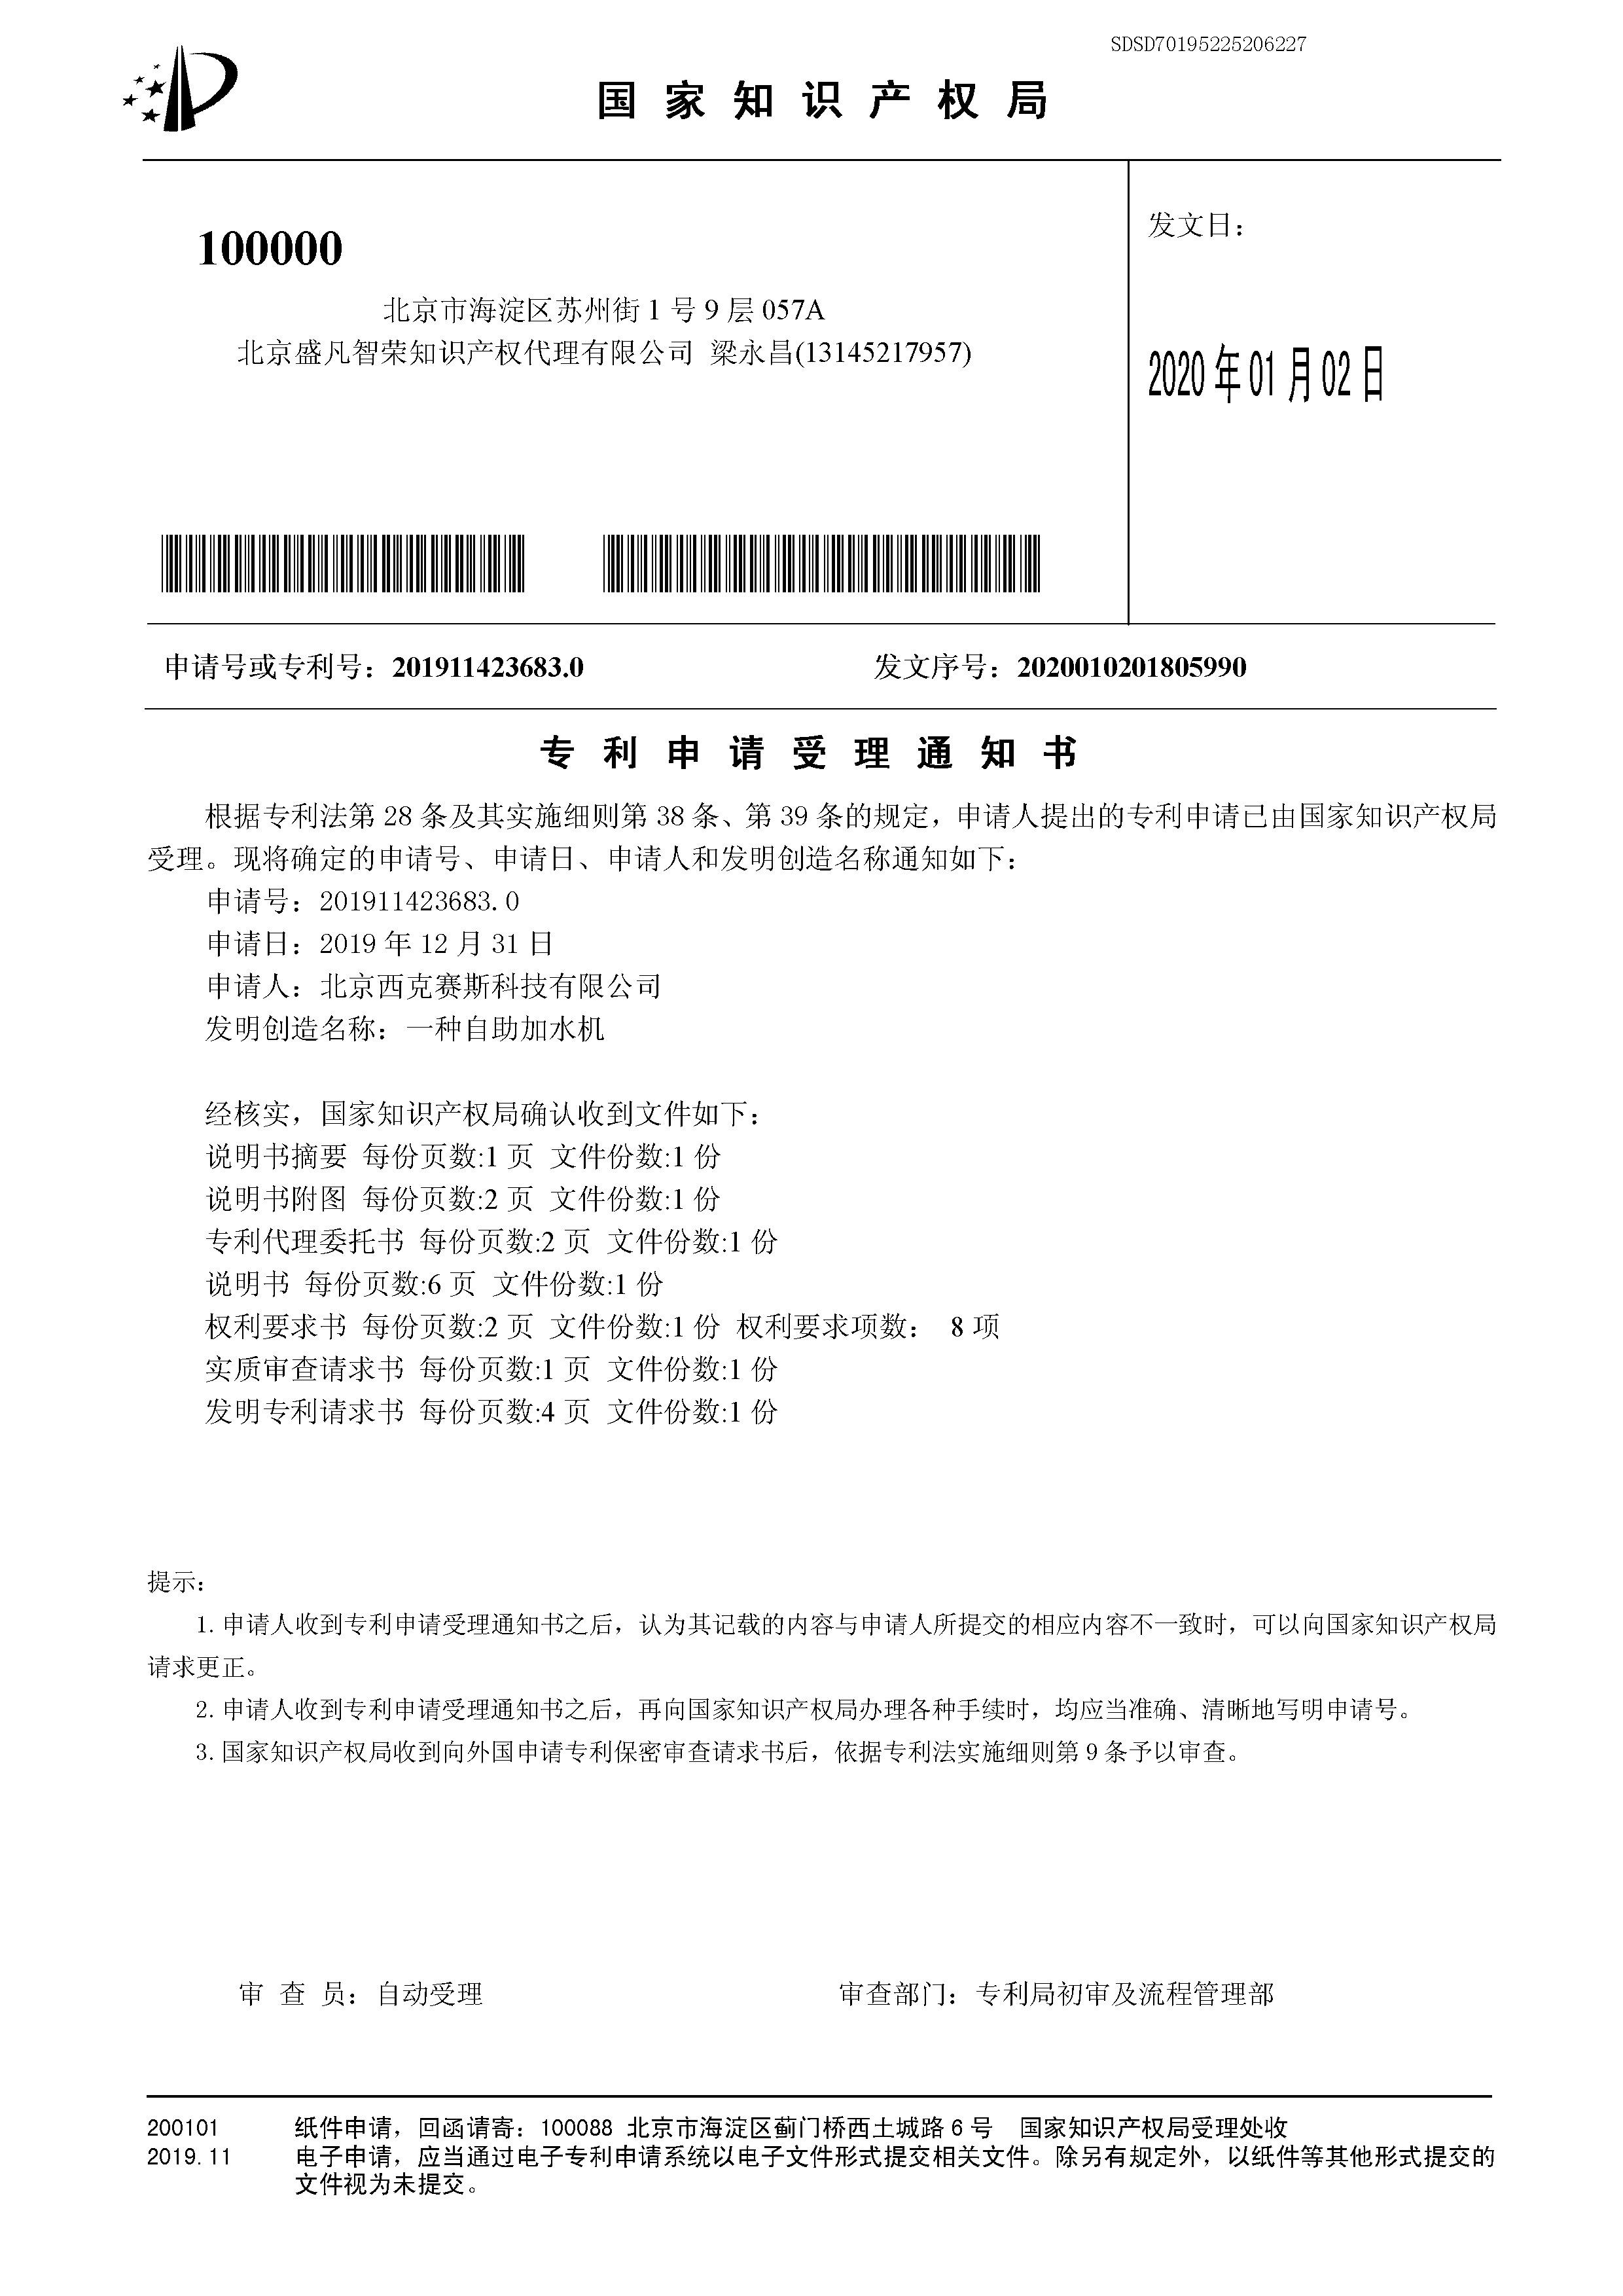 專利申請受理通知書